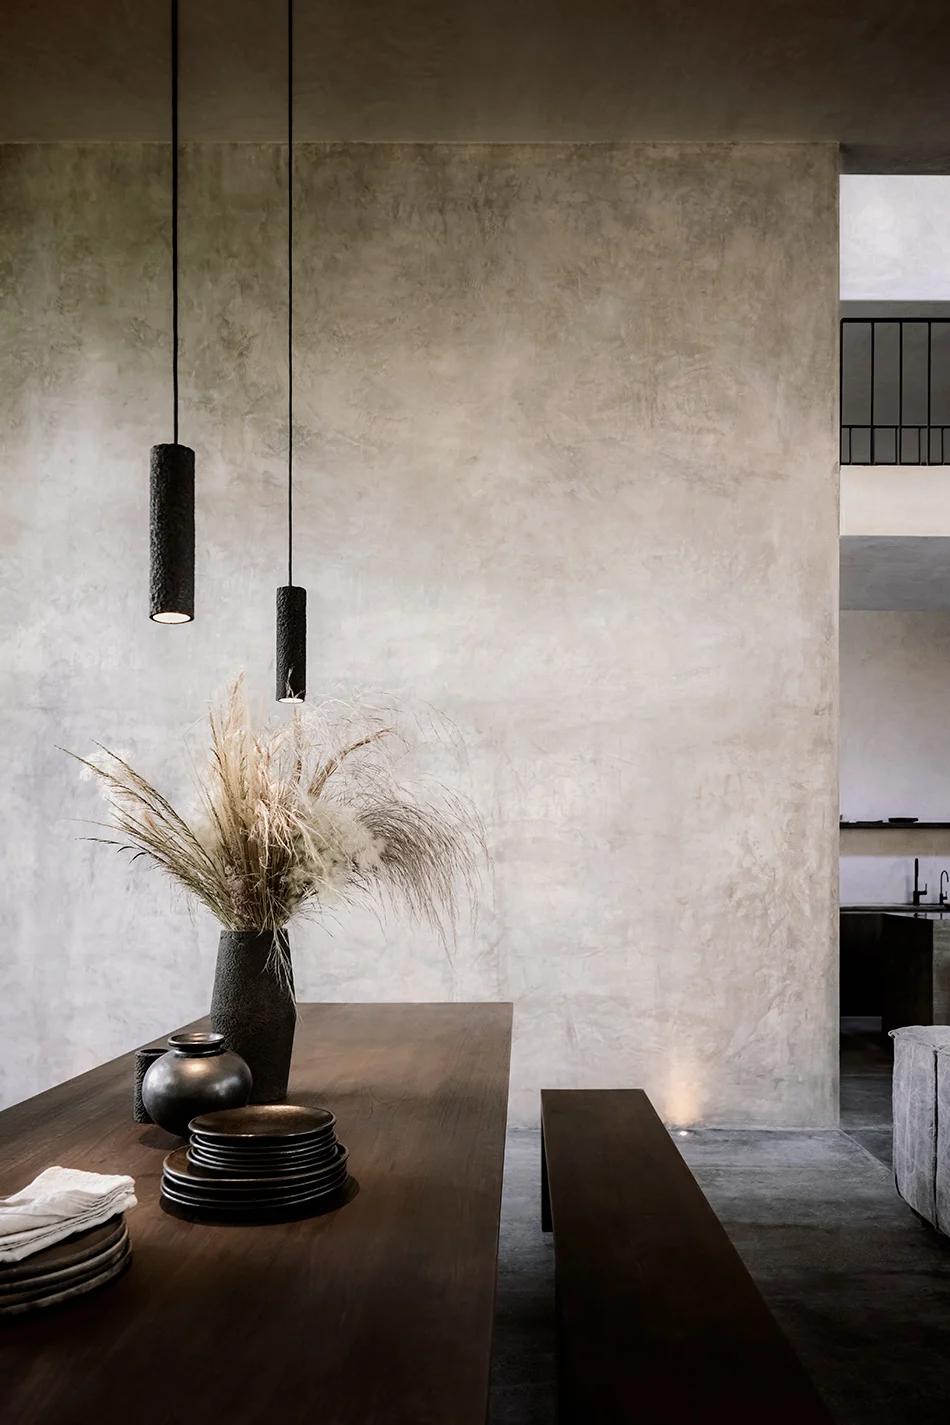 Casa aviv - CO-LAB design office (5)